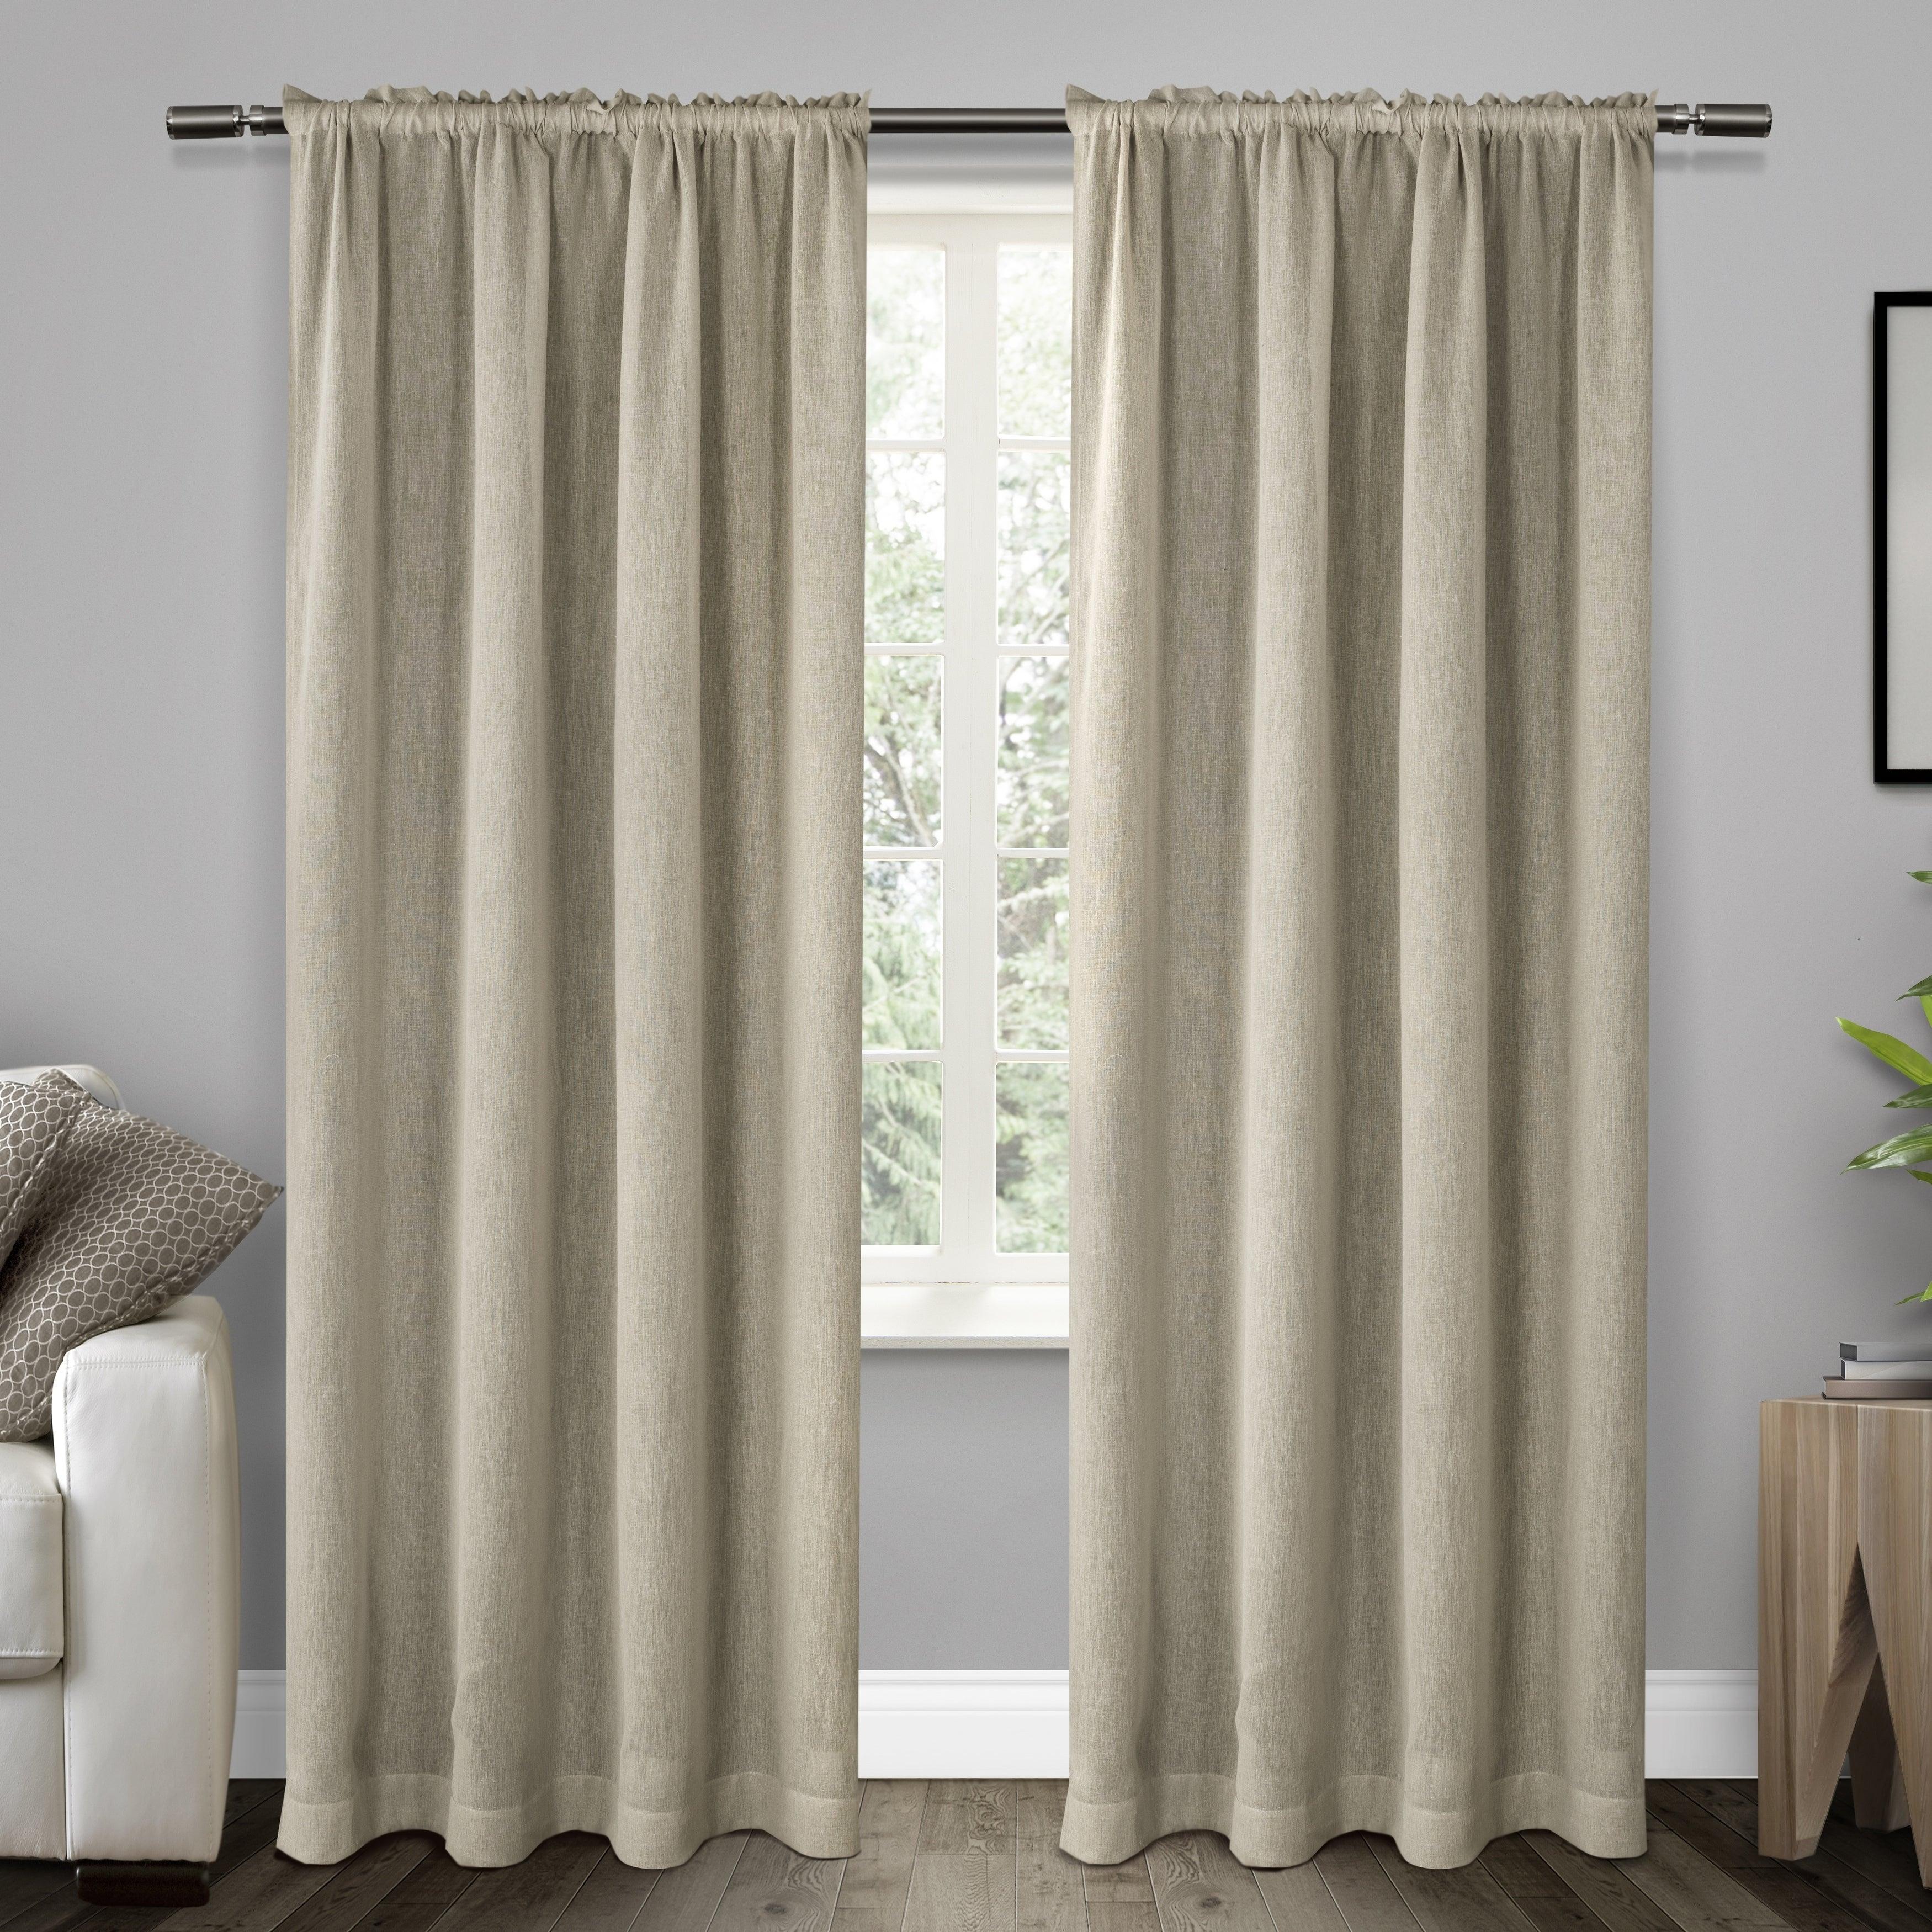 Ati Home Belgian Sheer Window Curtain Panel Pair With Rod Pocket With Belgian Sheer Window Curtain Panel Pairs With Rod Pocket (View 2 of 20)